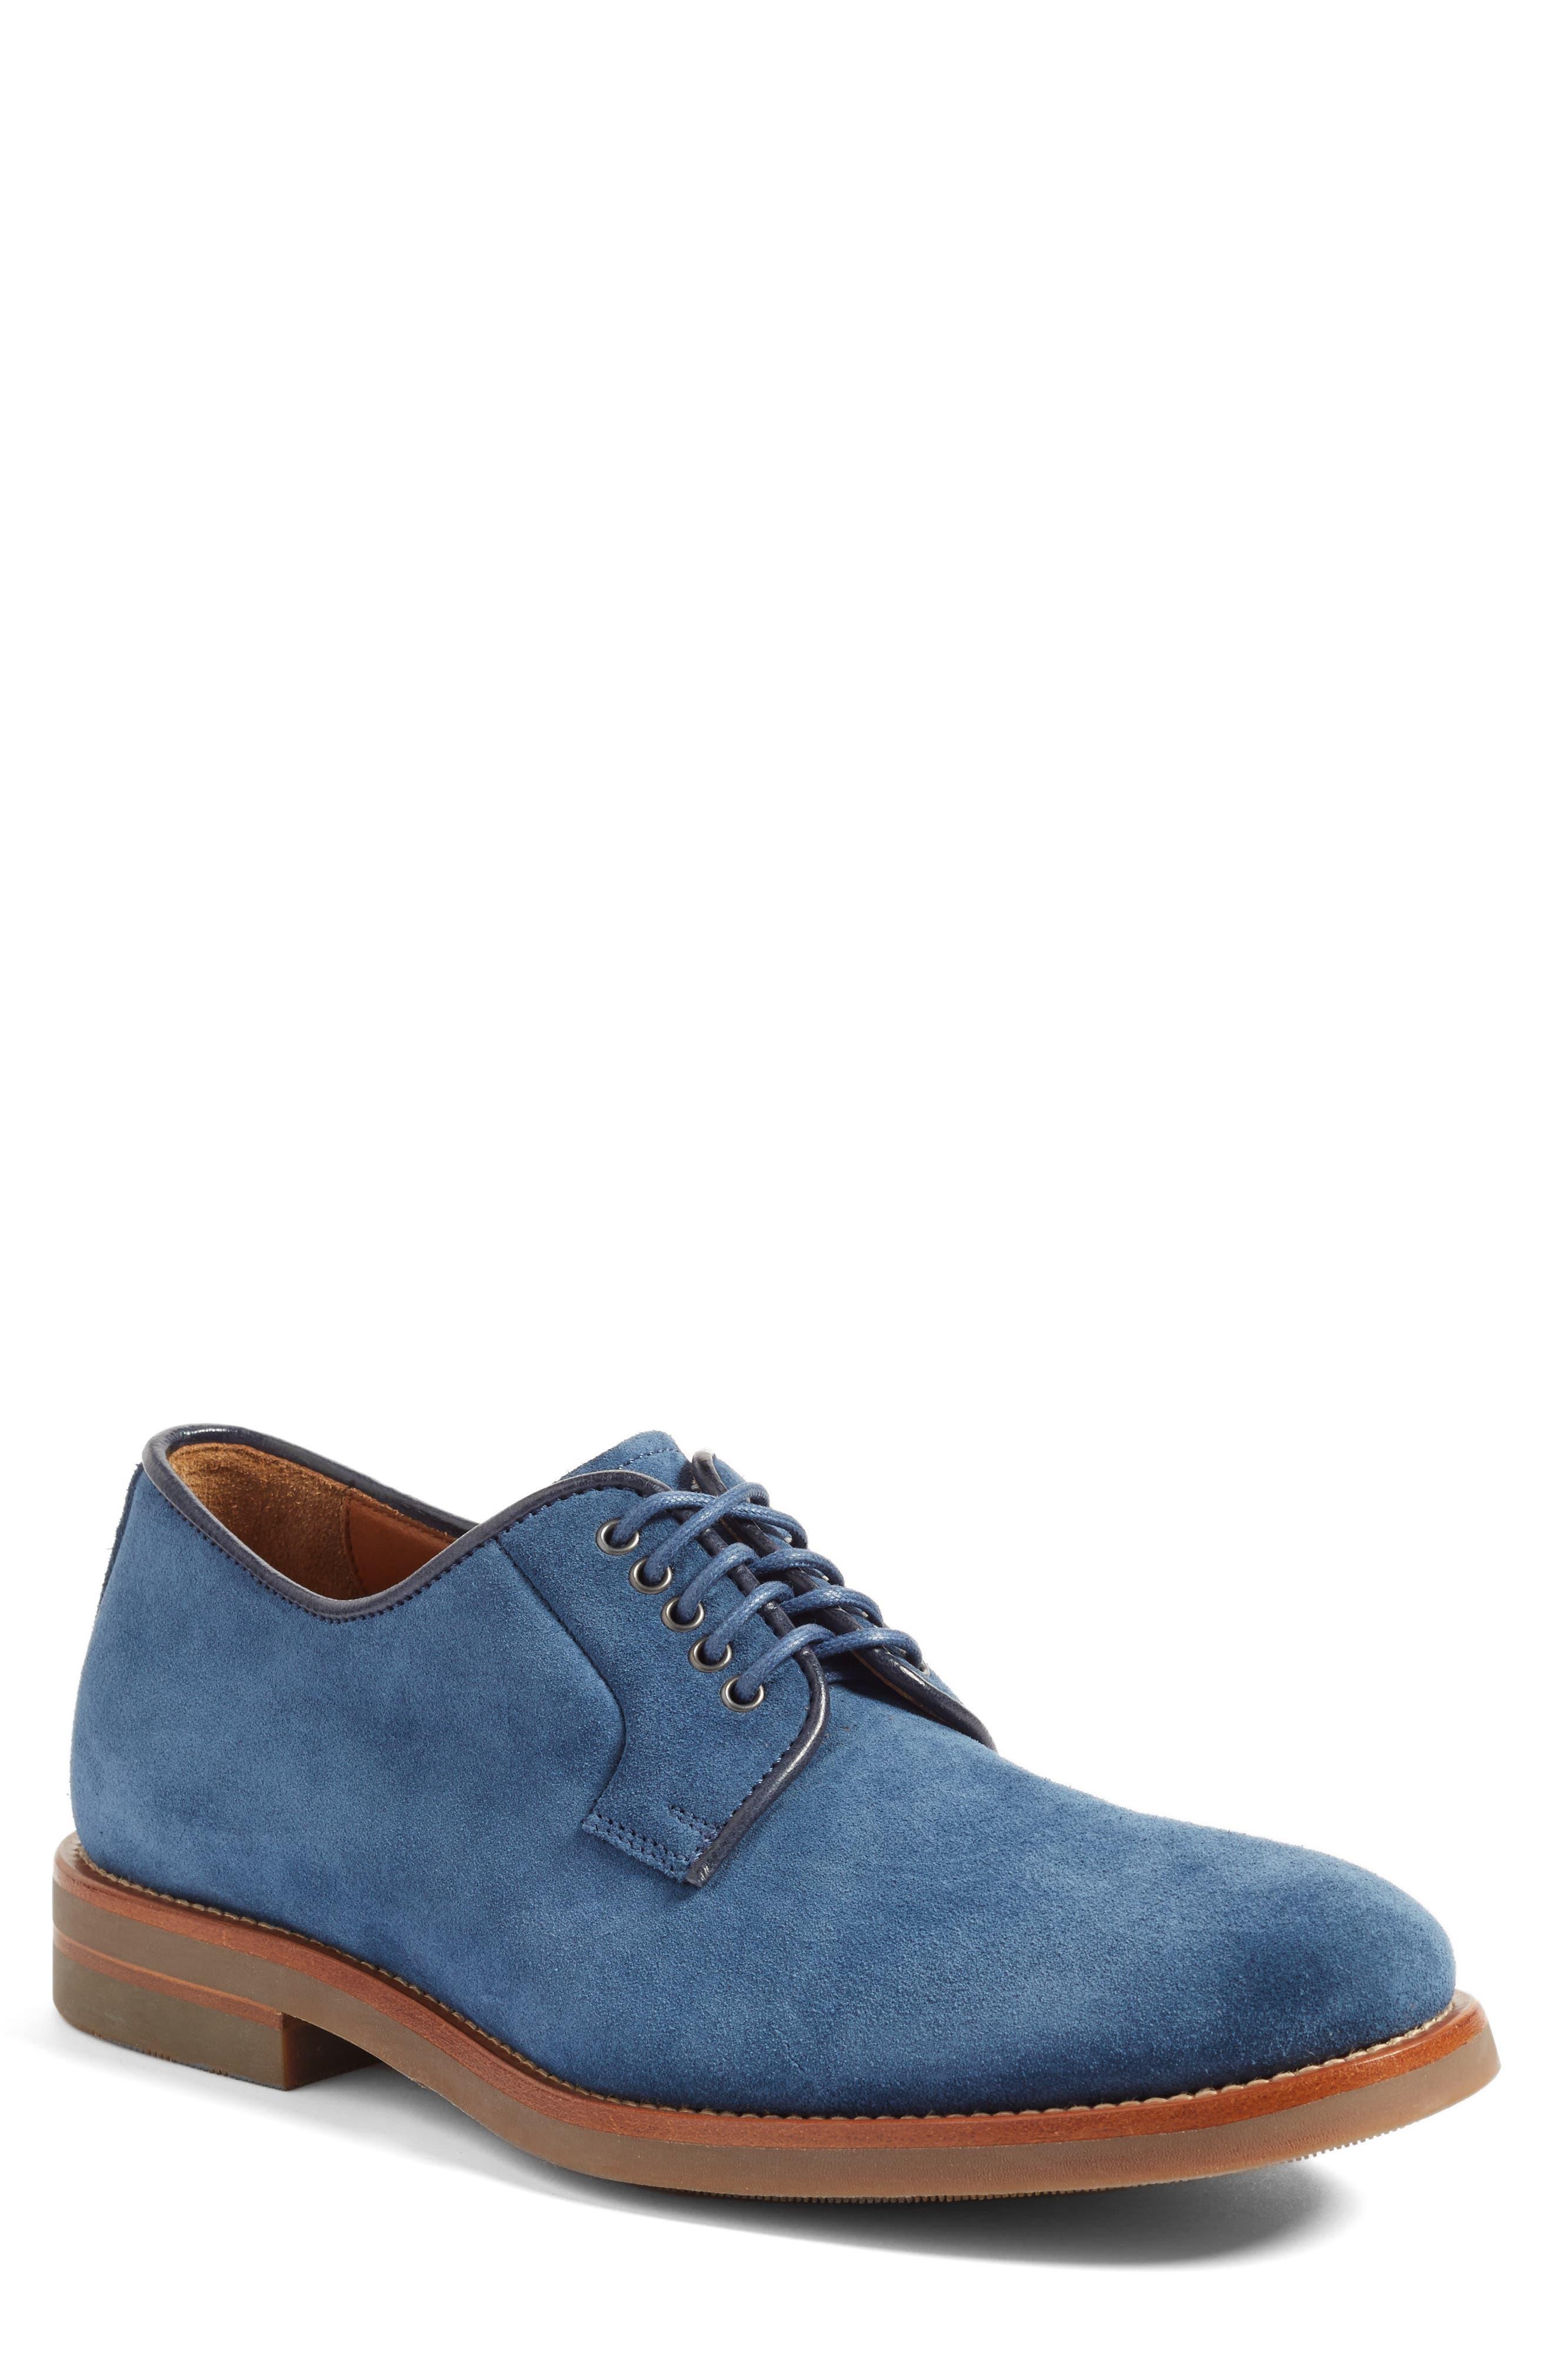 Aquatalia Colin Buck Shoe (Men)